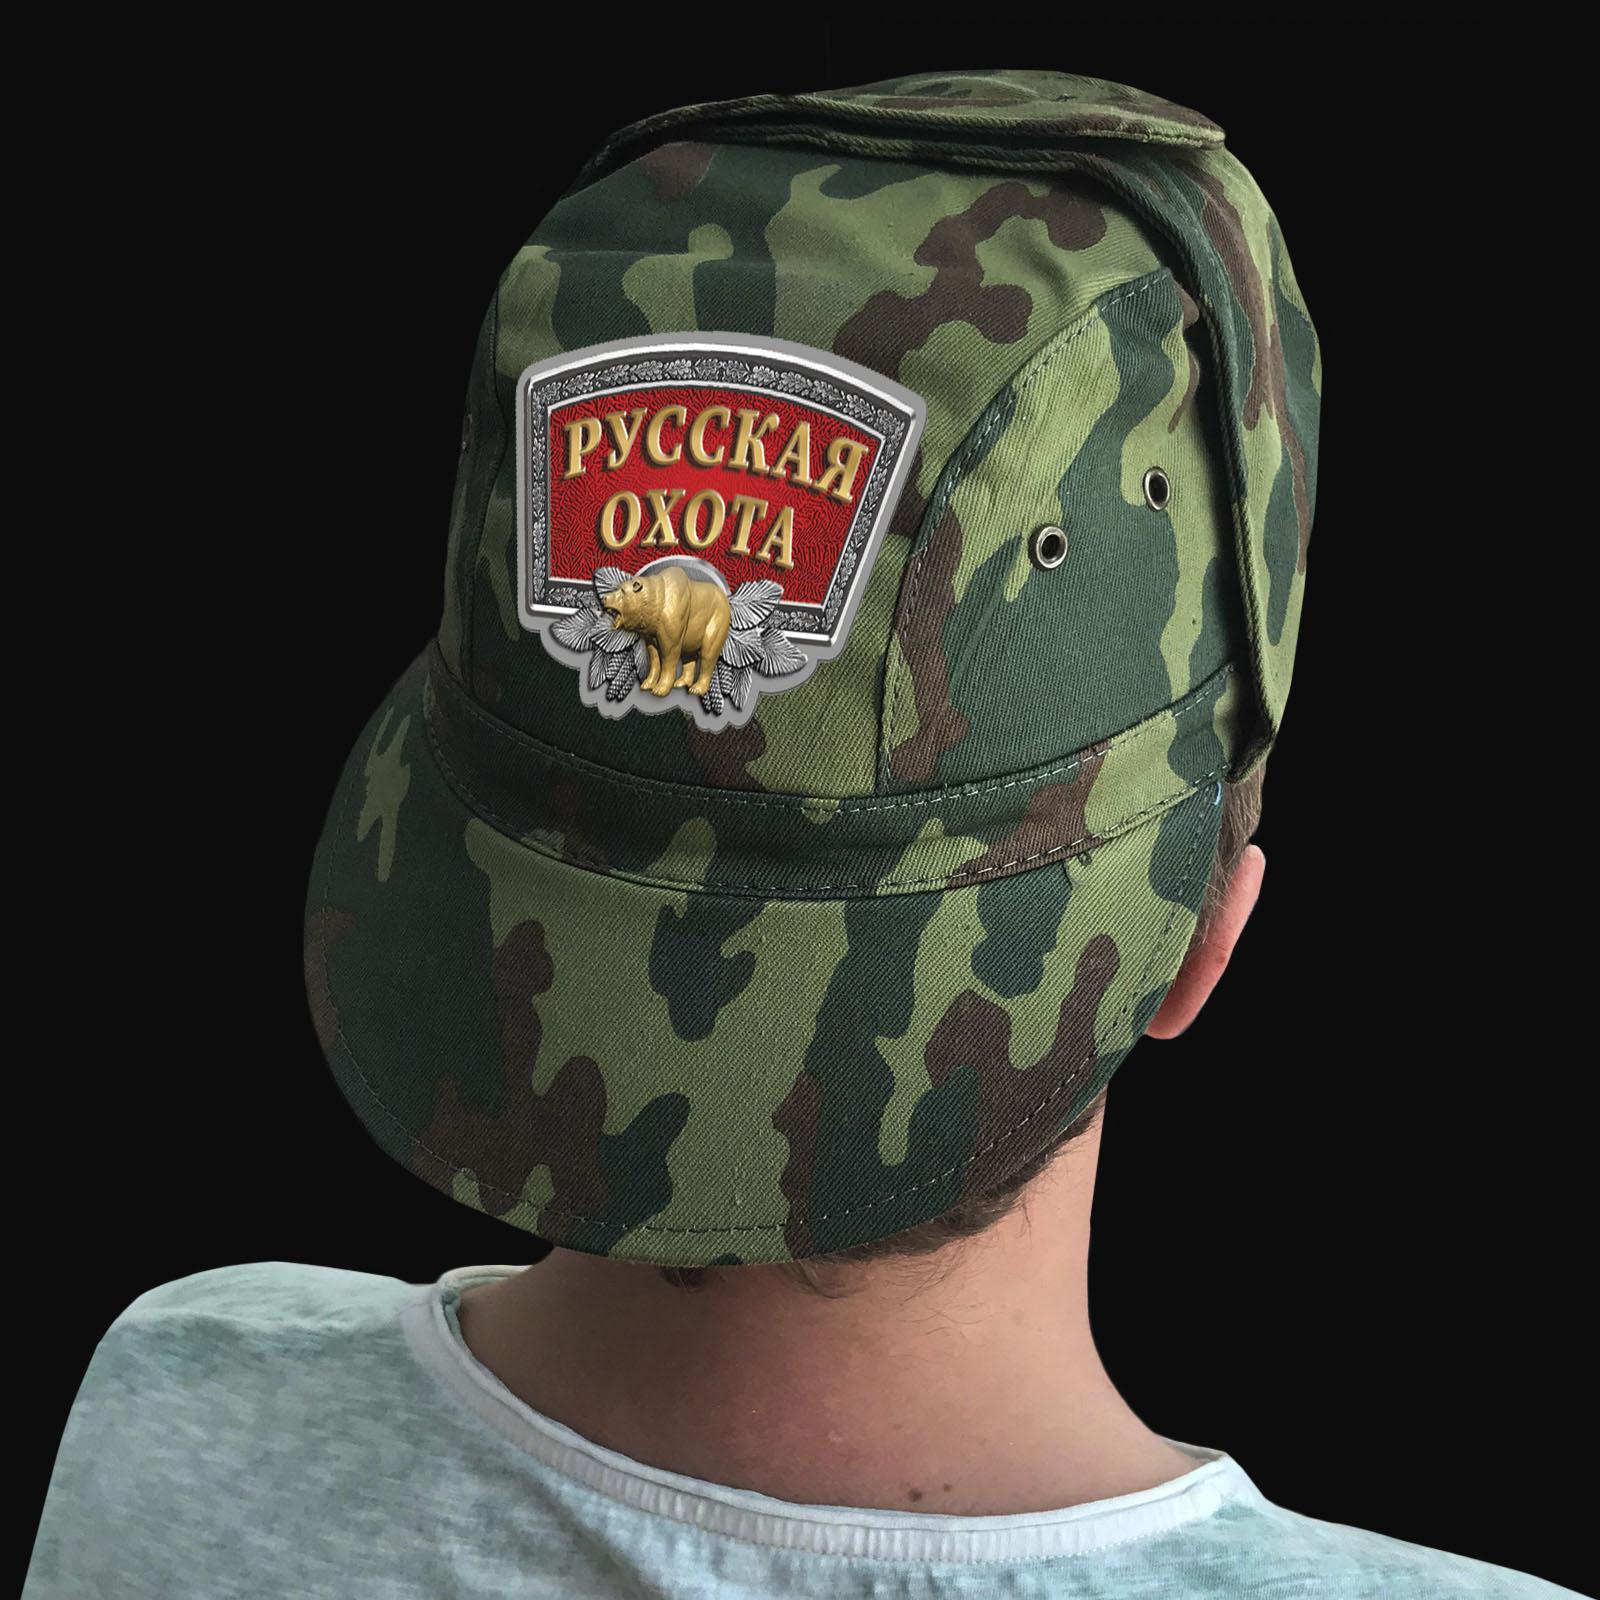 Купить охотничью кепку-камуфляж с термотрансфером Русская Охота по низкой цене